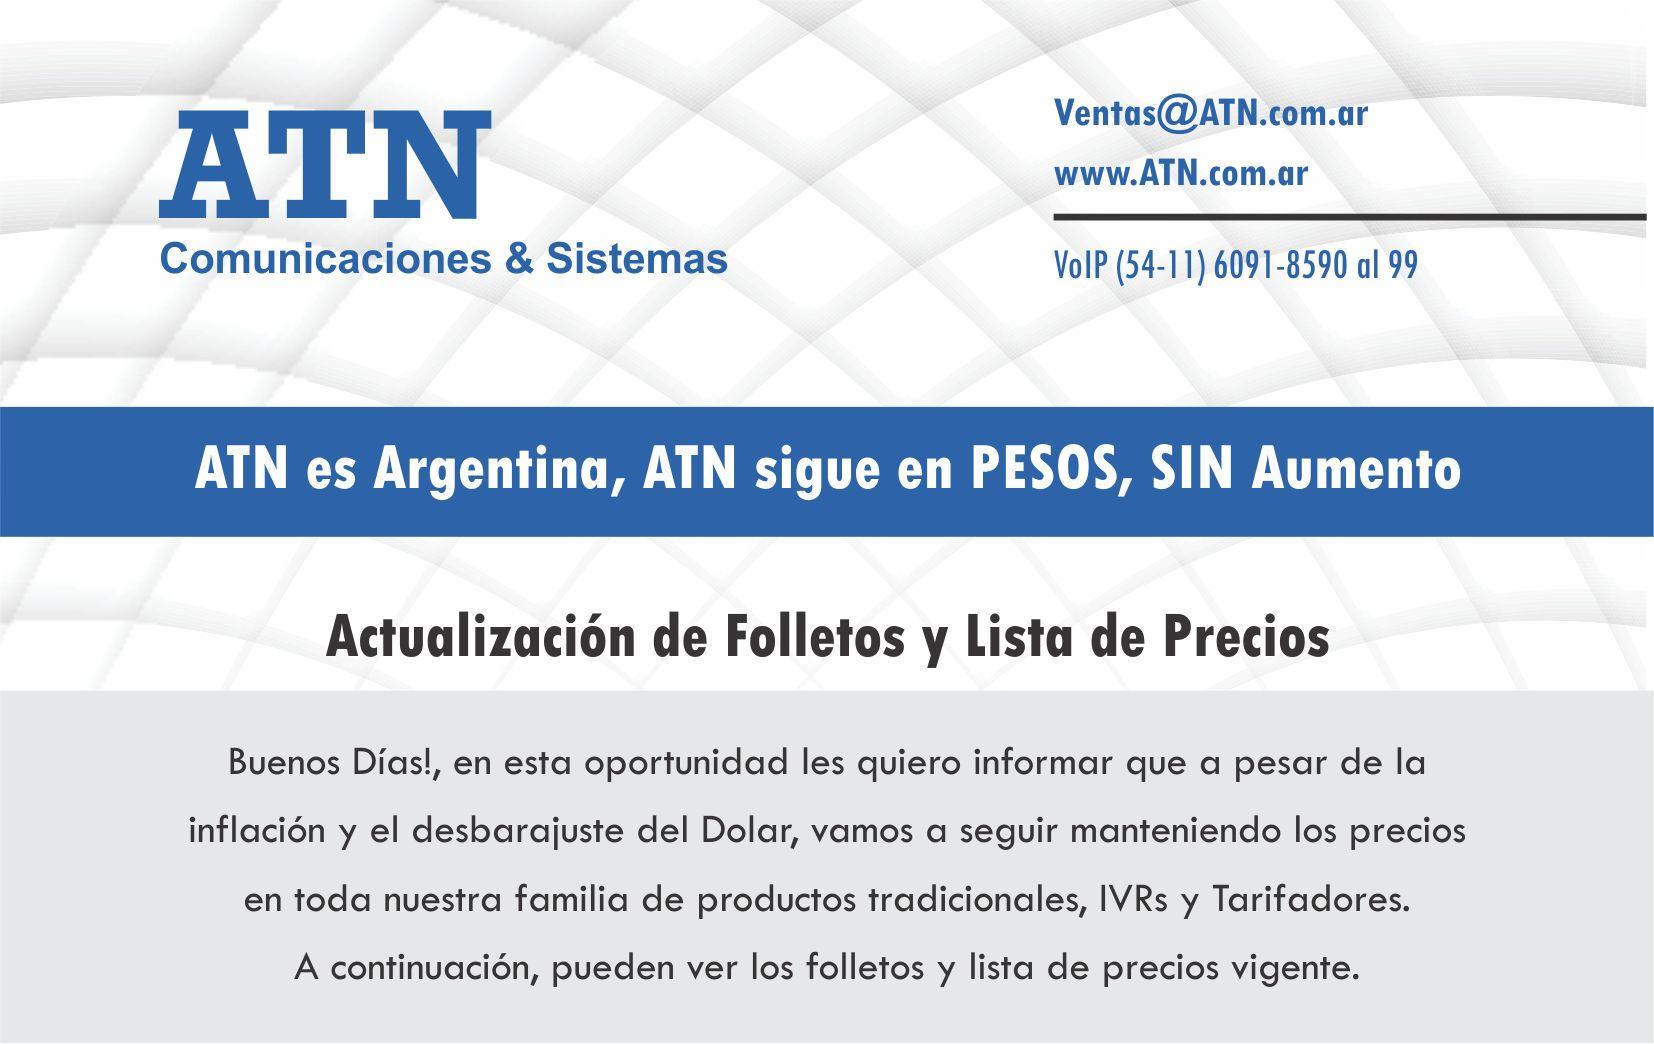 ATN - No aumentamos los precios!!